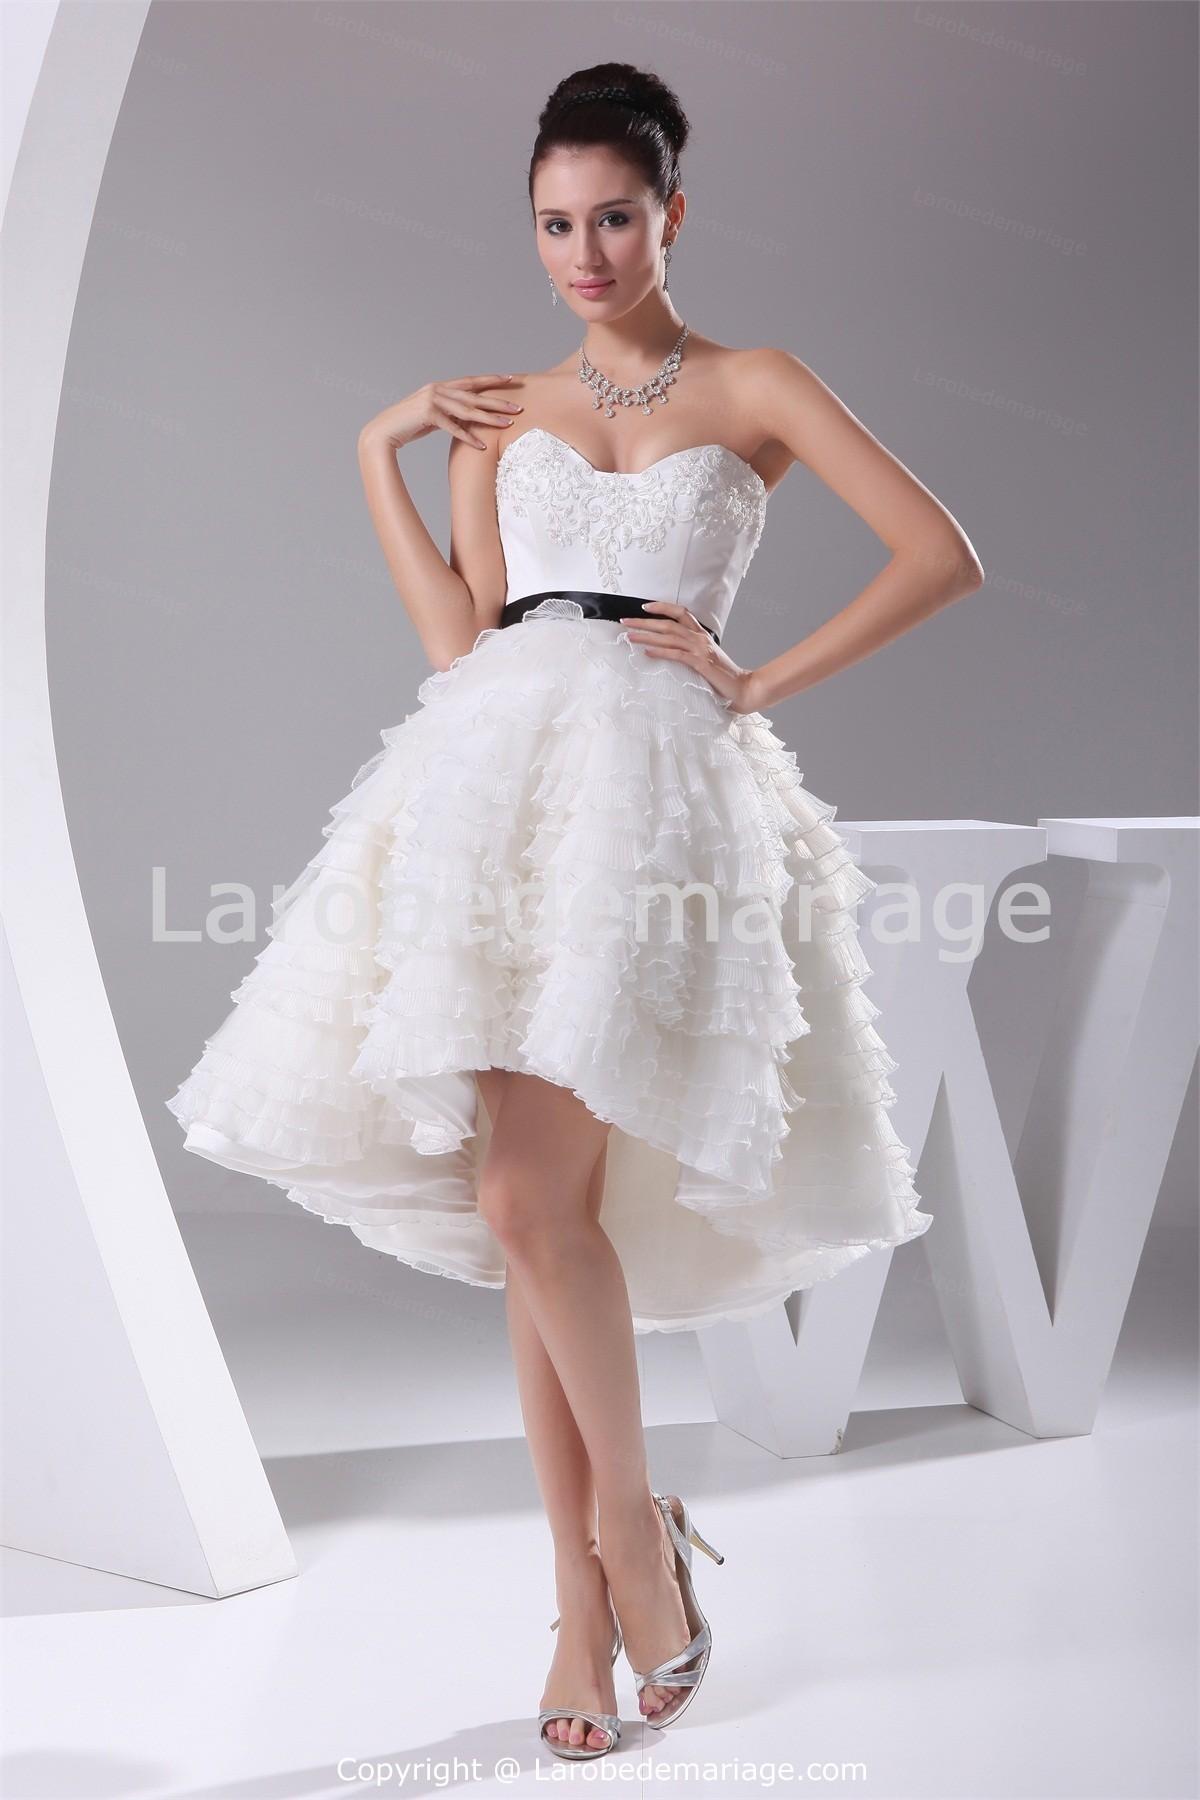 ... de robes. Neuf robes de mariées courtes géniales et sublimes